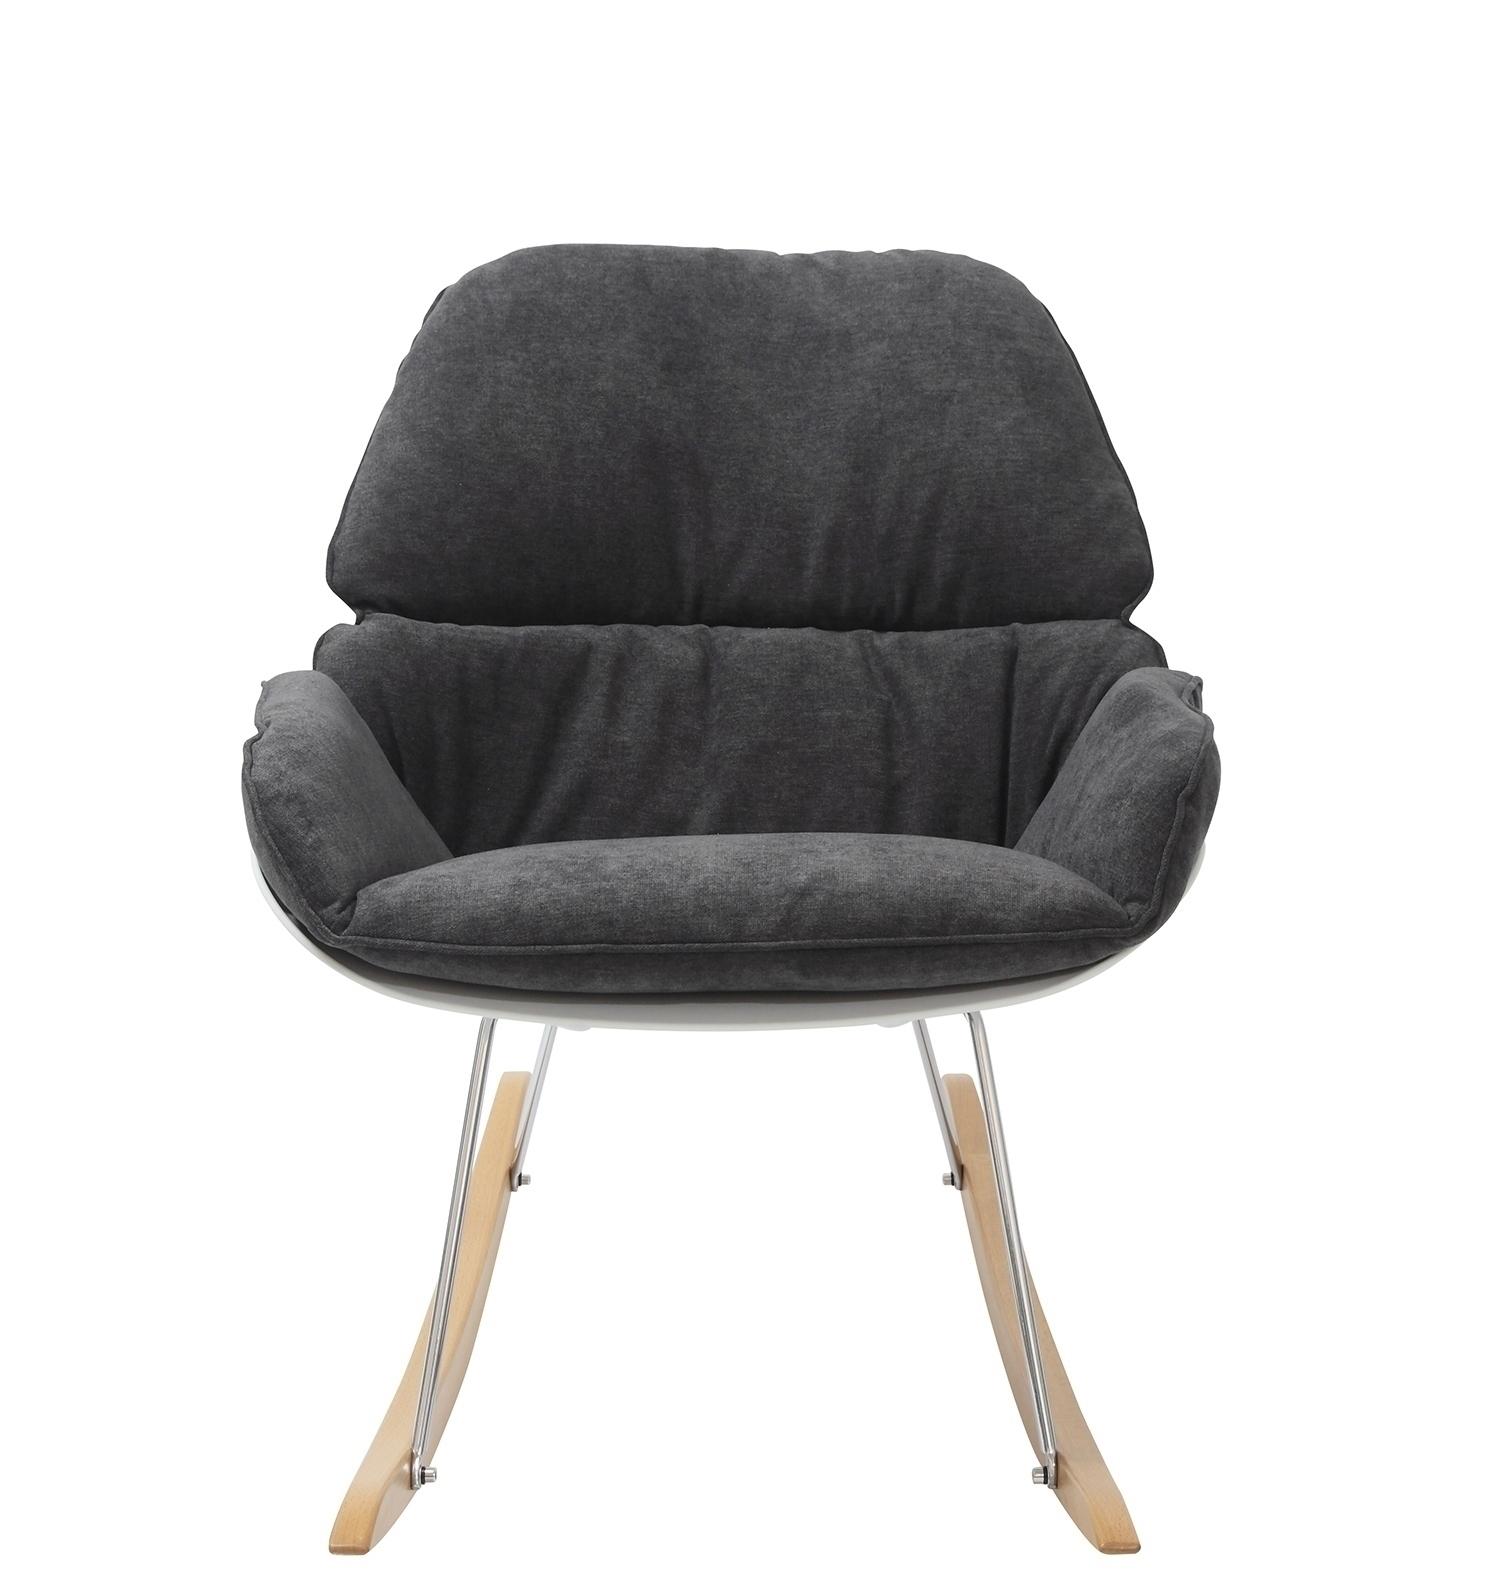 Fotel bujany NINO ciemno szary - tkanina ciemno szara, płozy bukowe - zdjęcie nr 3